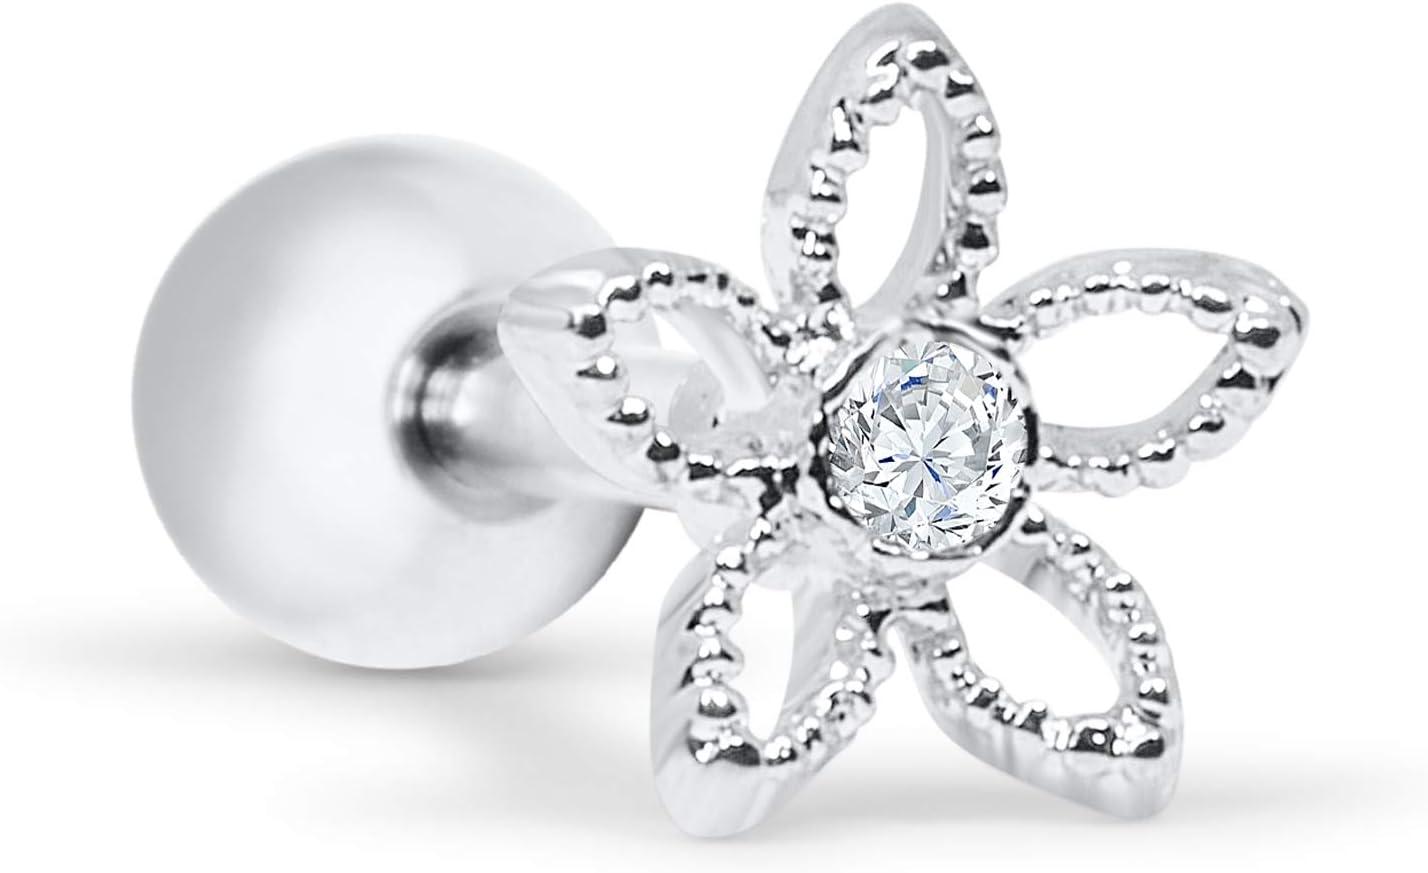 ONDAISY 14k Gold Plated Simulated Diamond Cz Jasmin Daisy Leaf Flower Ear Studs Post Ball Earring Piercing for Women